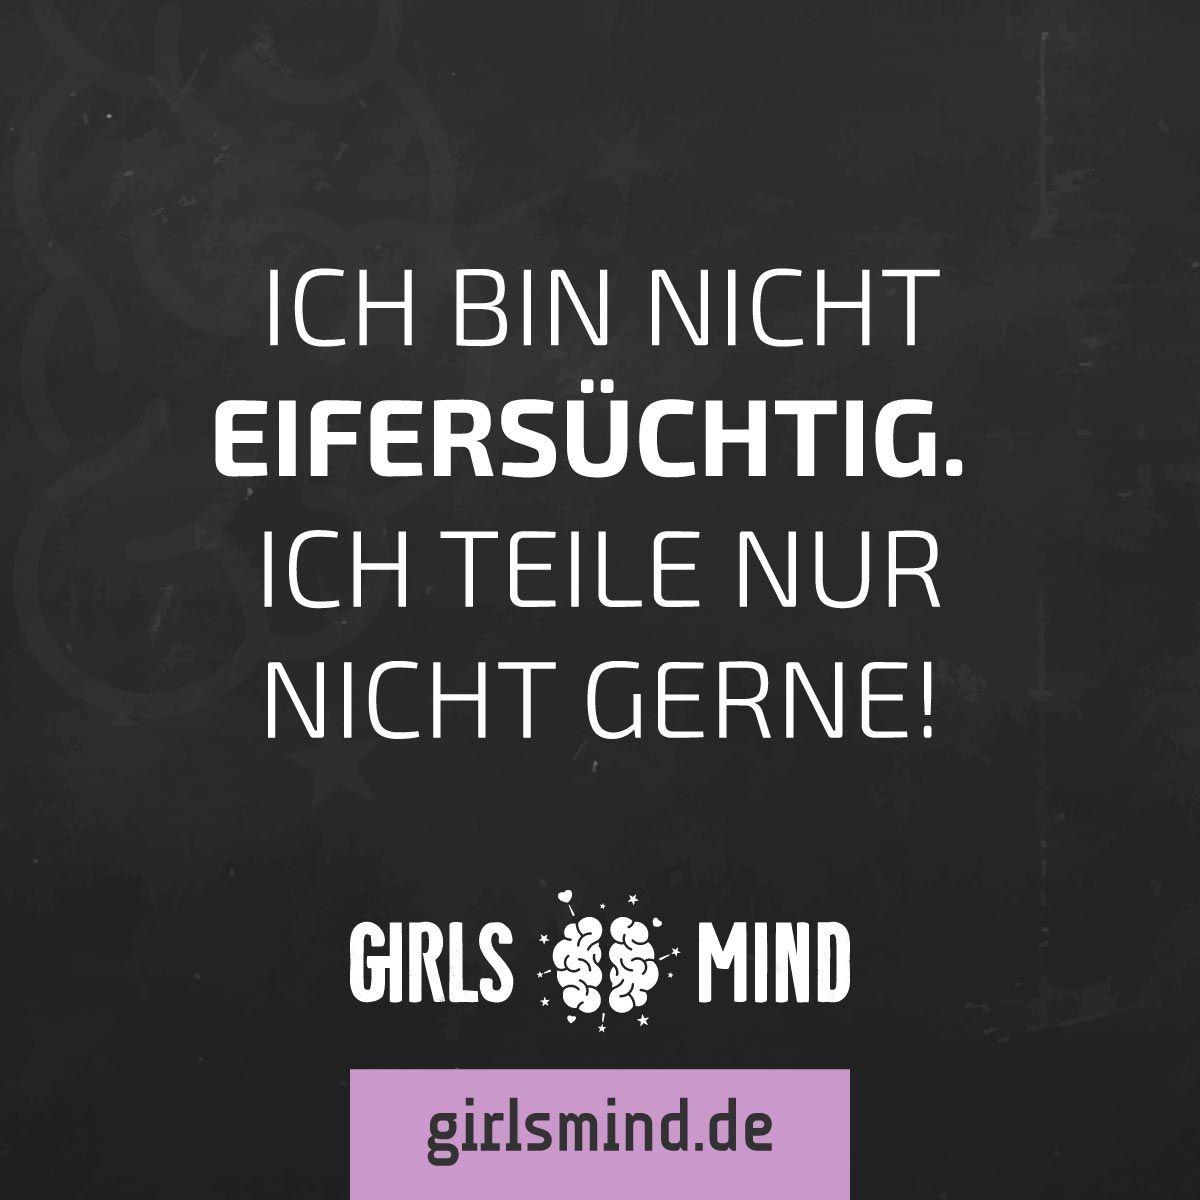 Mehr Sprüche auf: .girlsmind.de #eifersucht #teilen #liebe